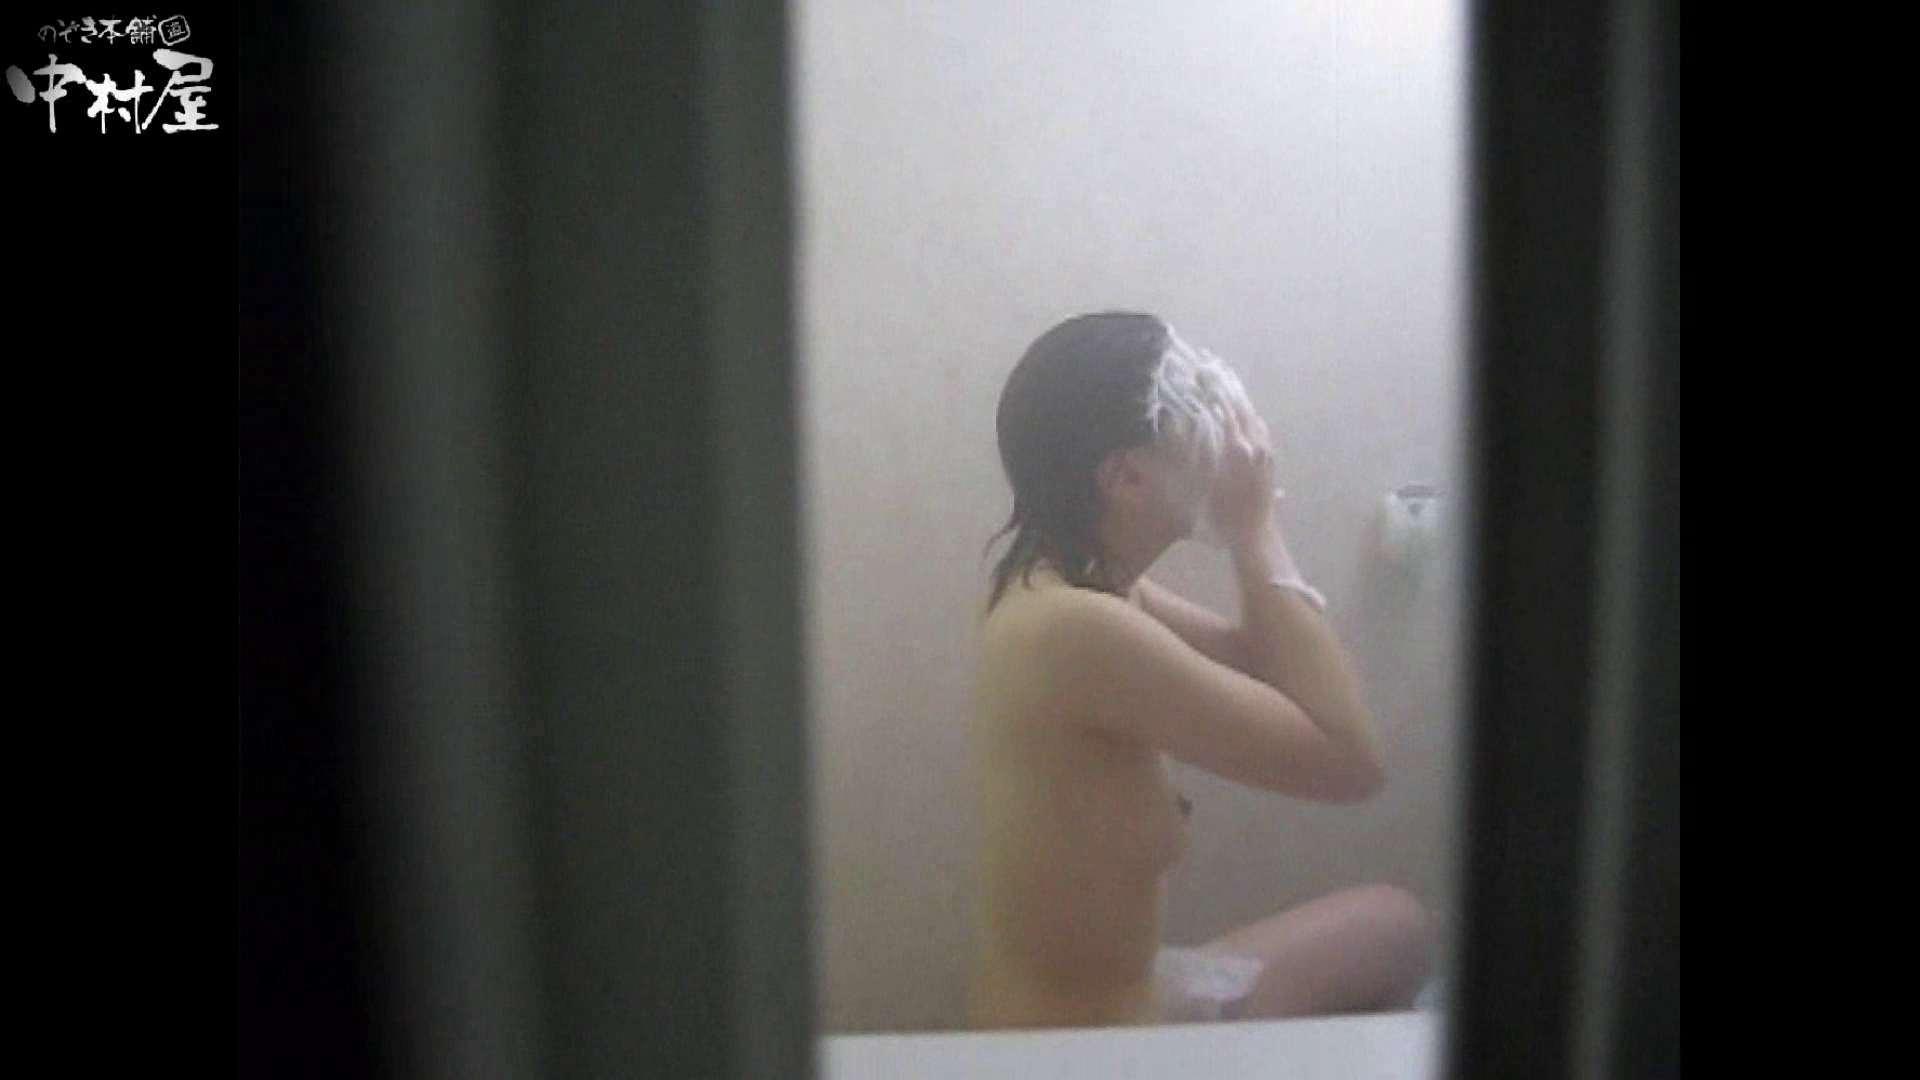 民家風呂専門盗撮師の超危険映像 vol.012 美女 エロ画像 94連発 28